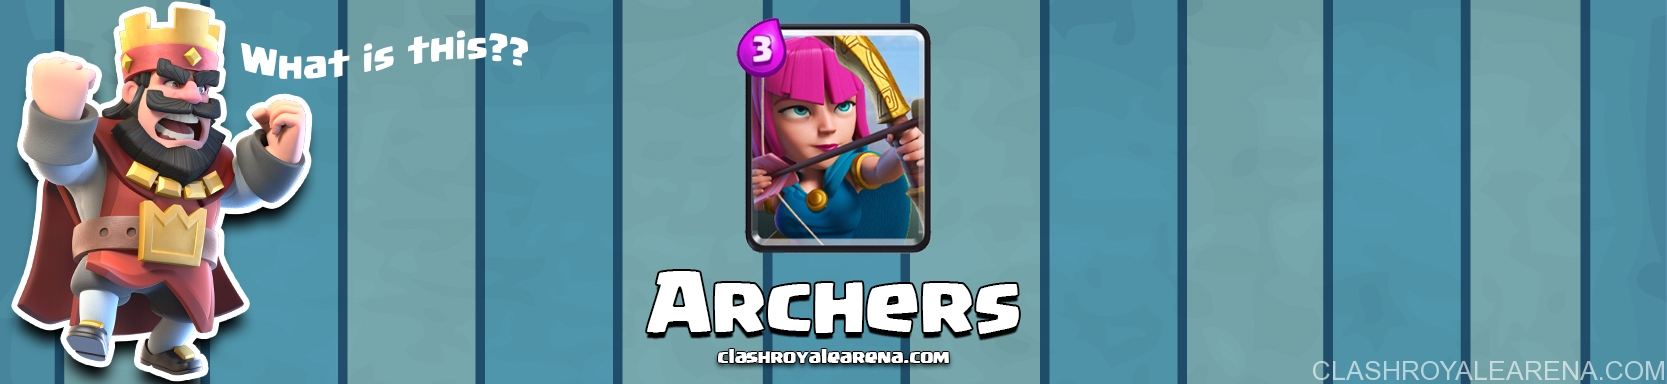 Archers Clash Royale   Clash Royale Guides